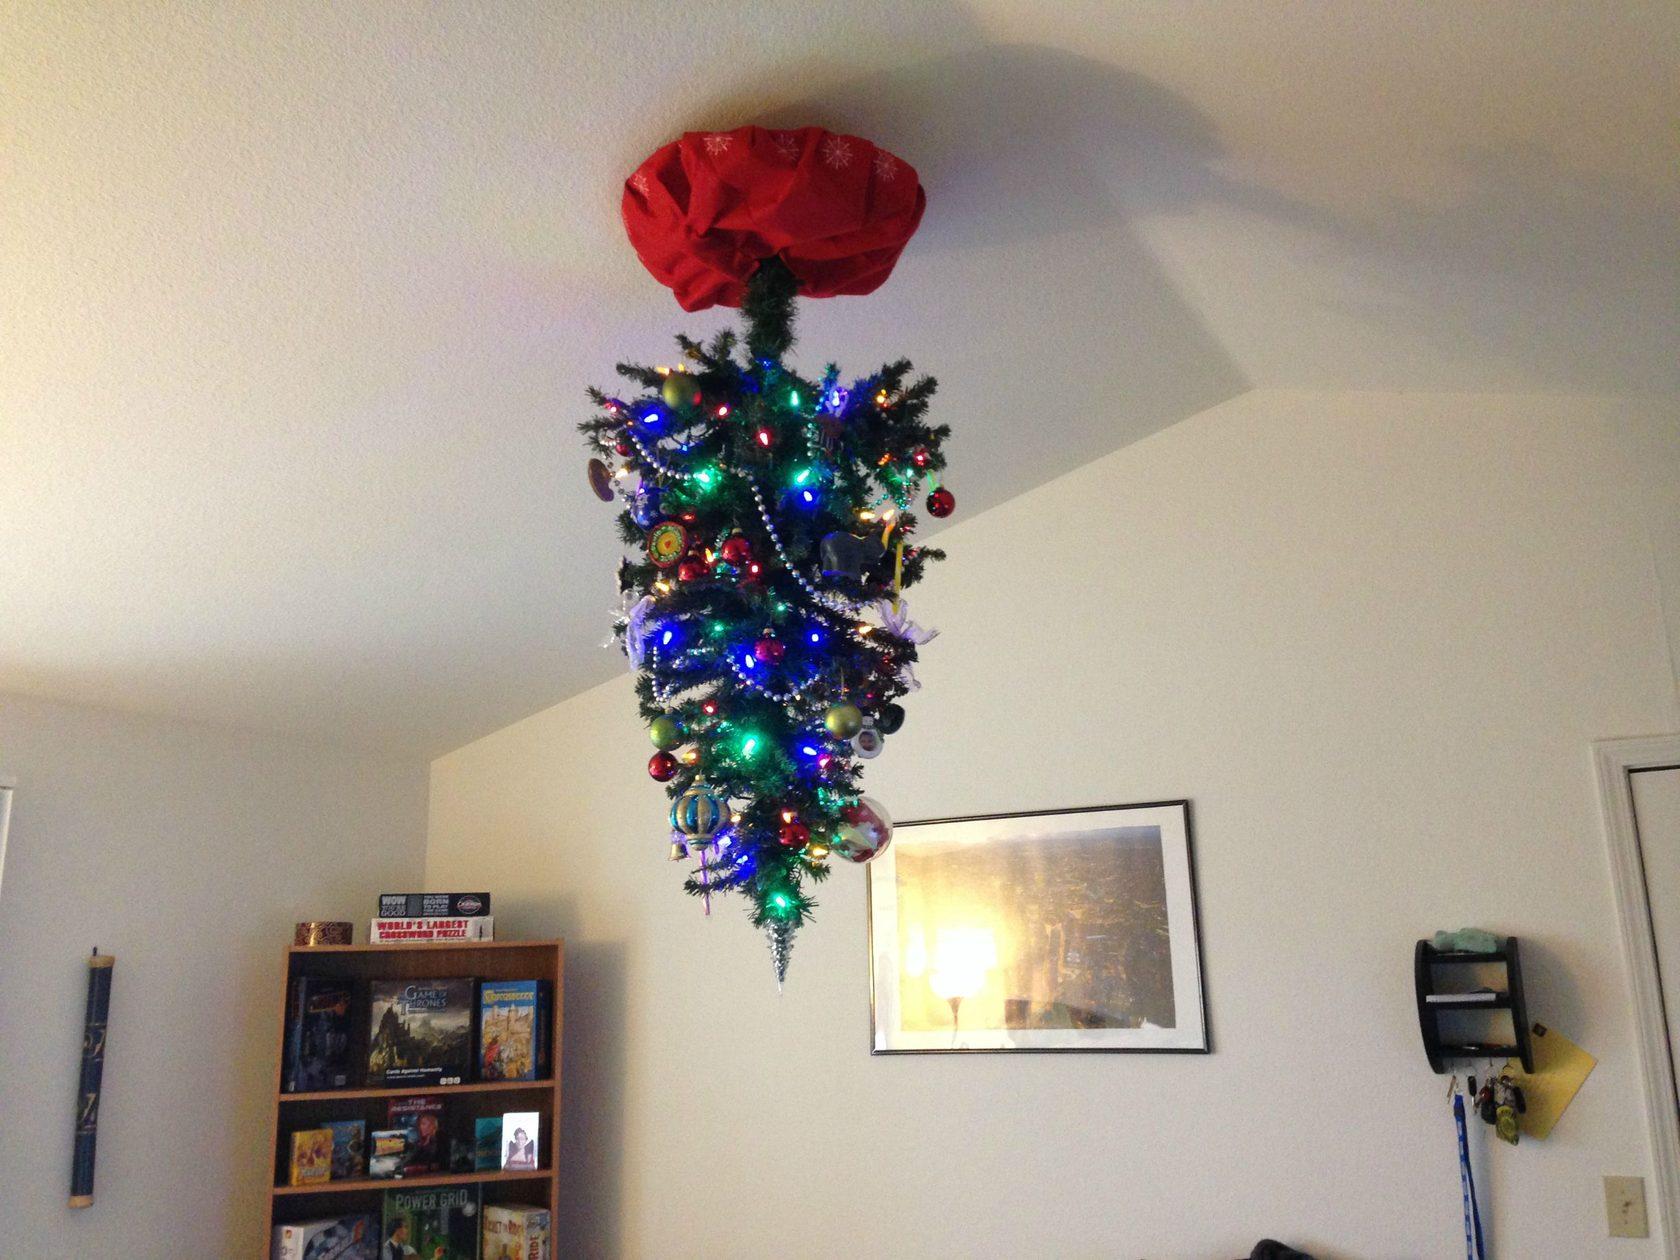 Картинка с елкой новогодней на потолке